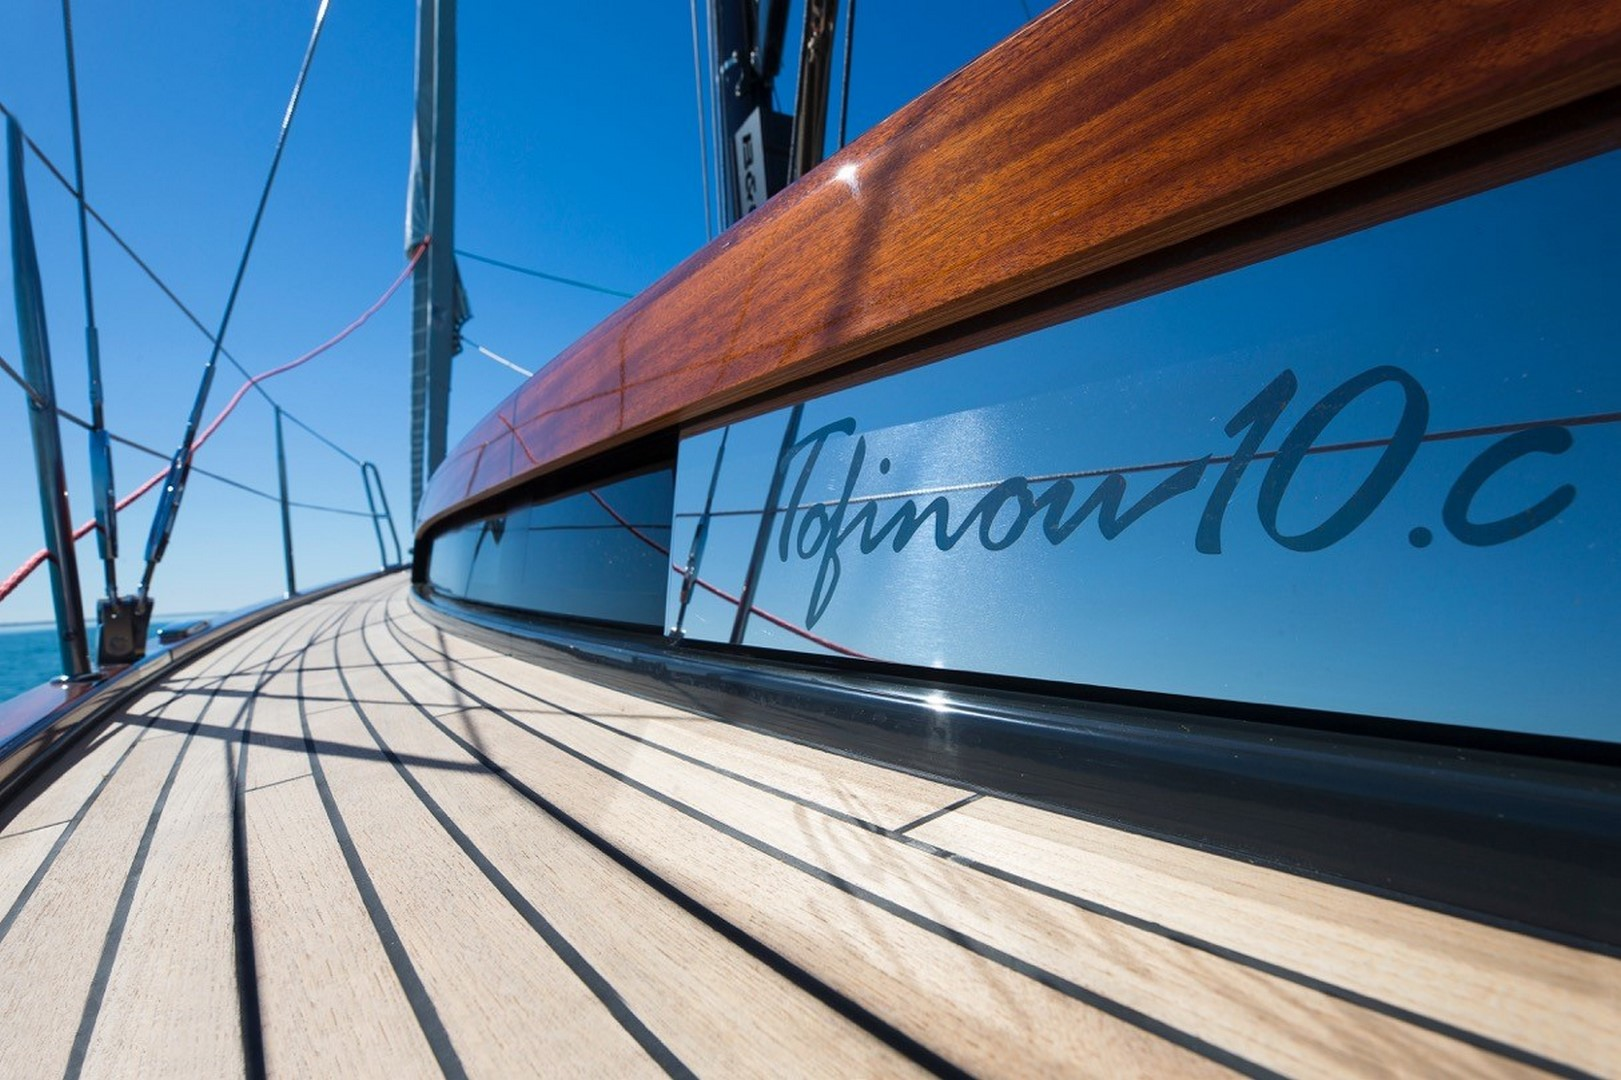 Mahagoni und Teak in eleganter Kombination verhelfen dem Boot zu gediegenem Aussehen.